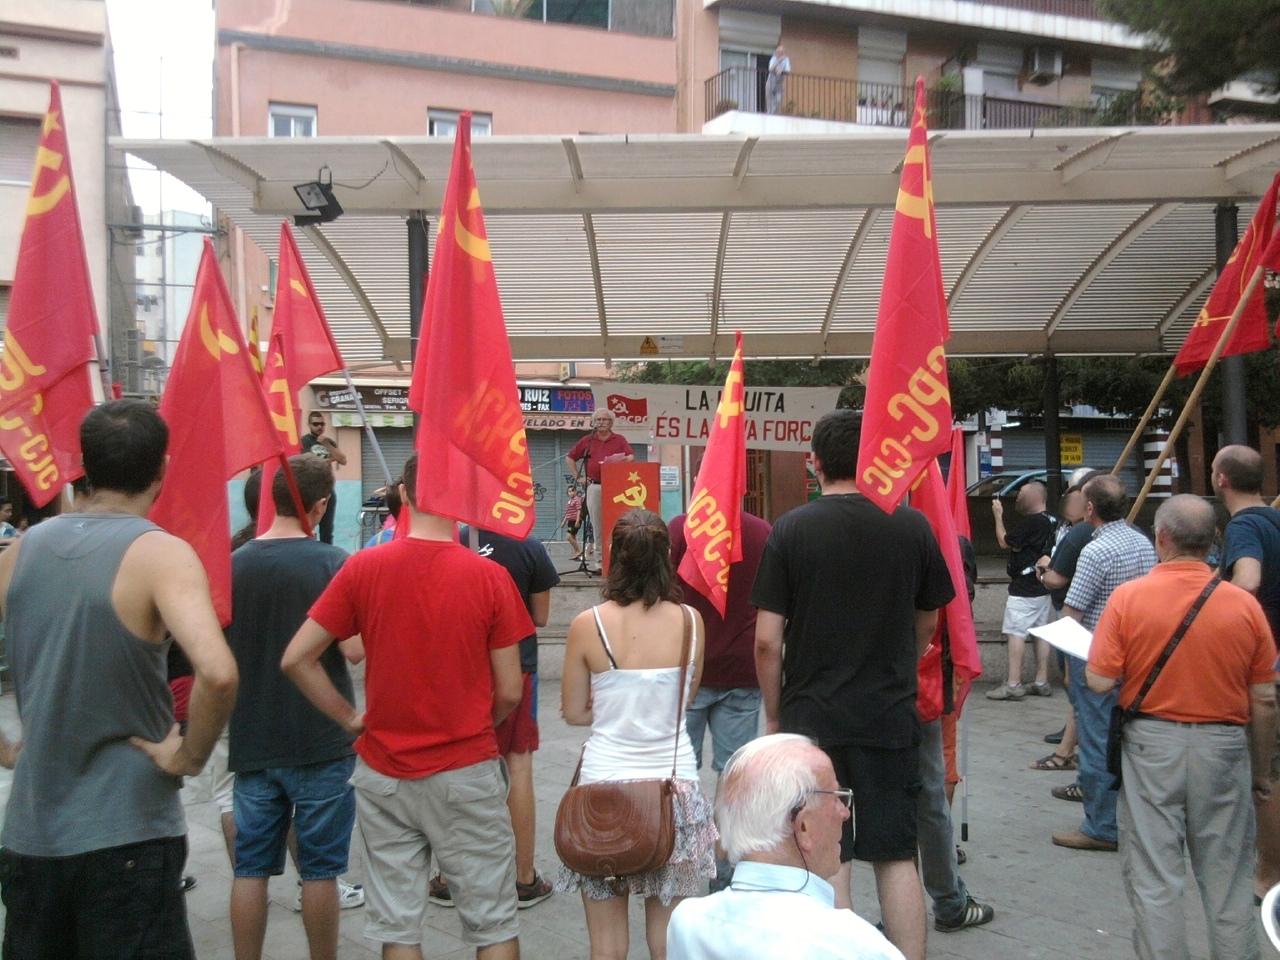 Mitin del PCPC y los JCPC el 11 de septiembre para la fiesta nacional de Cataluña Foto0160